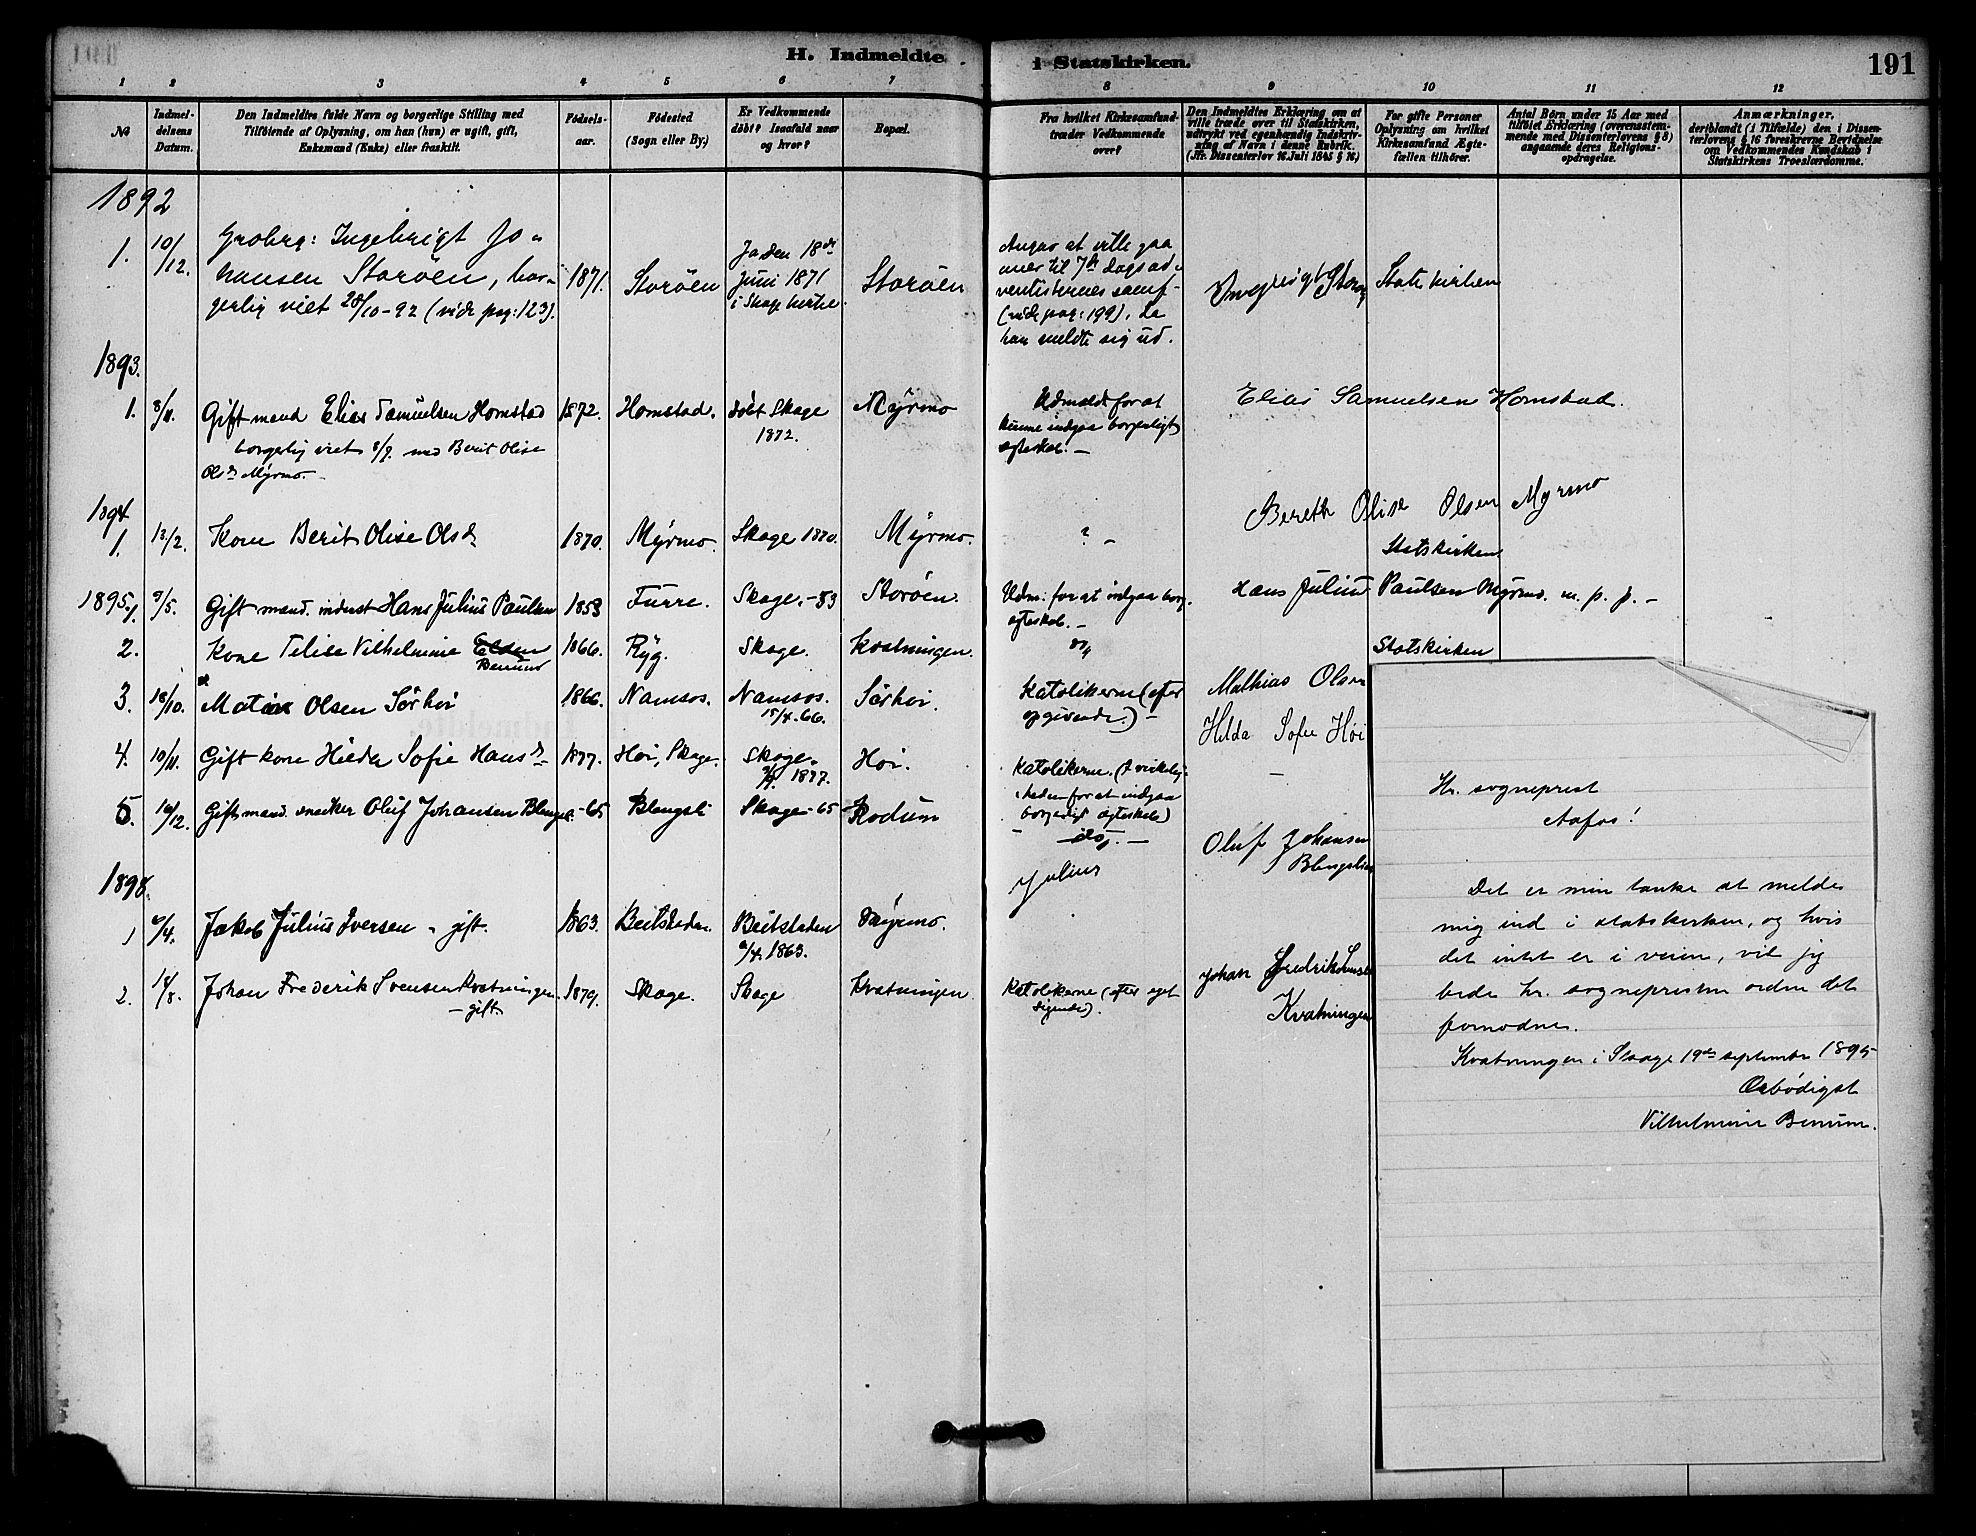 SAT, Ministerialprotokoller, klokkerbøker og fødselsregistre - Nord-Trøndelag, 766/L0563: Ministerialbok nr. 767A01, 1881-1899, s. 191